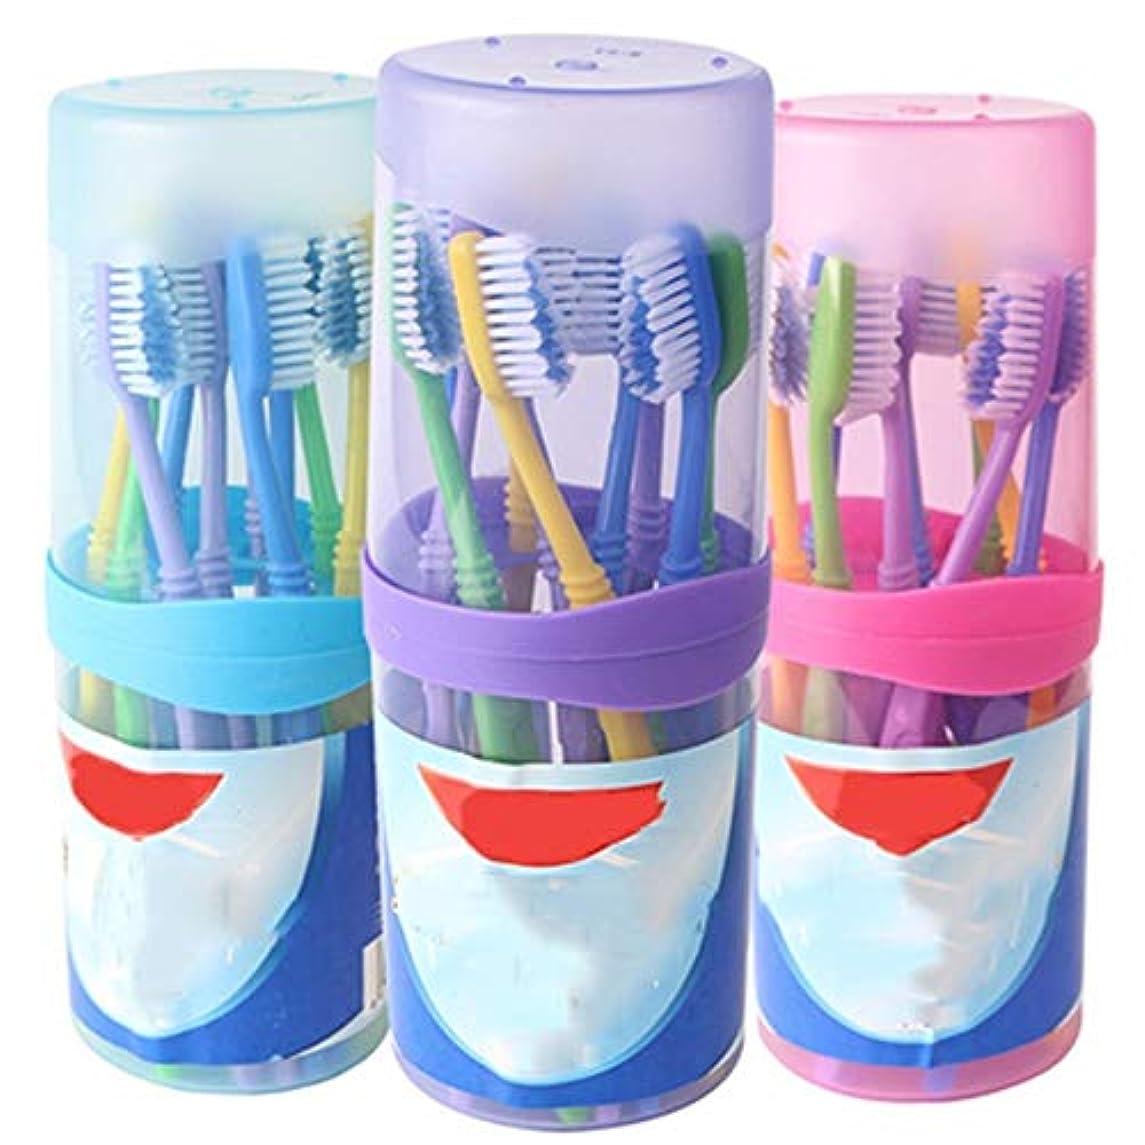 精算神聖アクチュエータ歯ブラシ 30本の歯ブラシ、バルク大人歯ブラシ、歯茎のためのクリーンタルタルとケア - 使用可能なスタイルの2種類 HL (色 : A, サイズ : 30 packs)